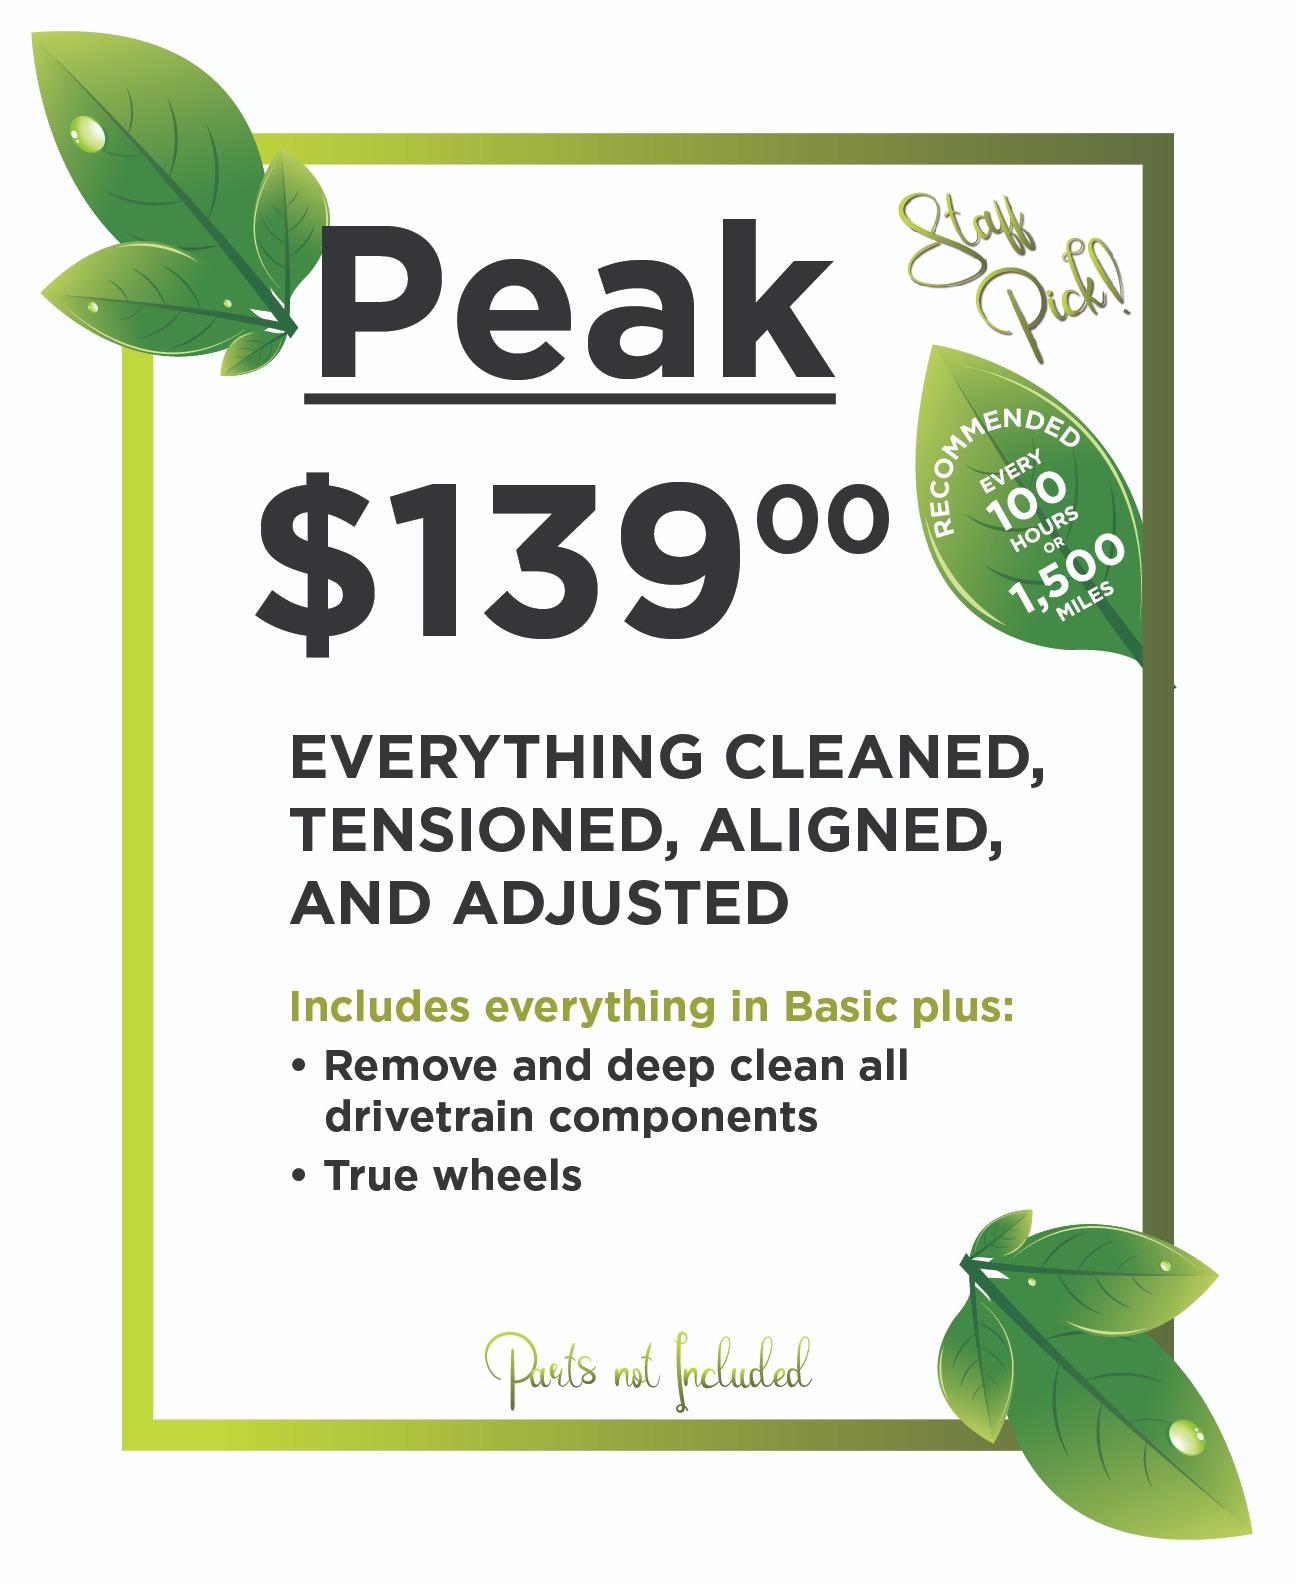 Peak Service package $139